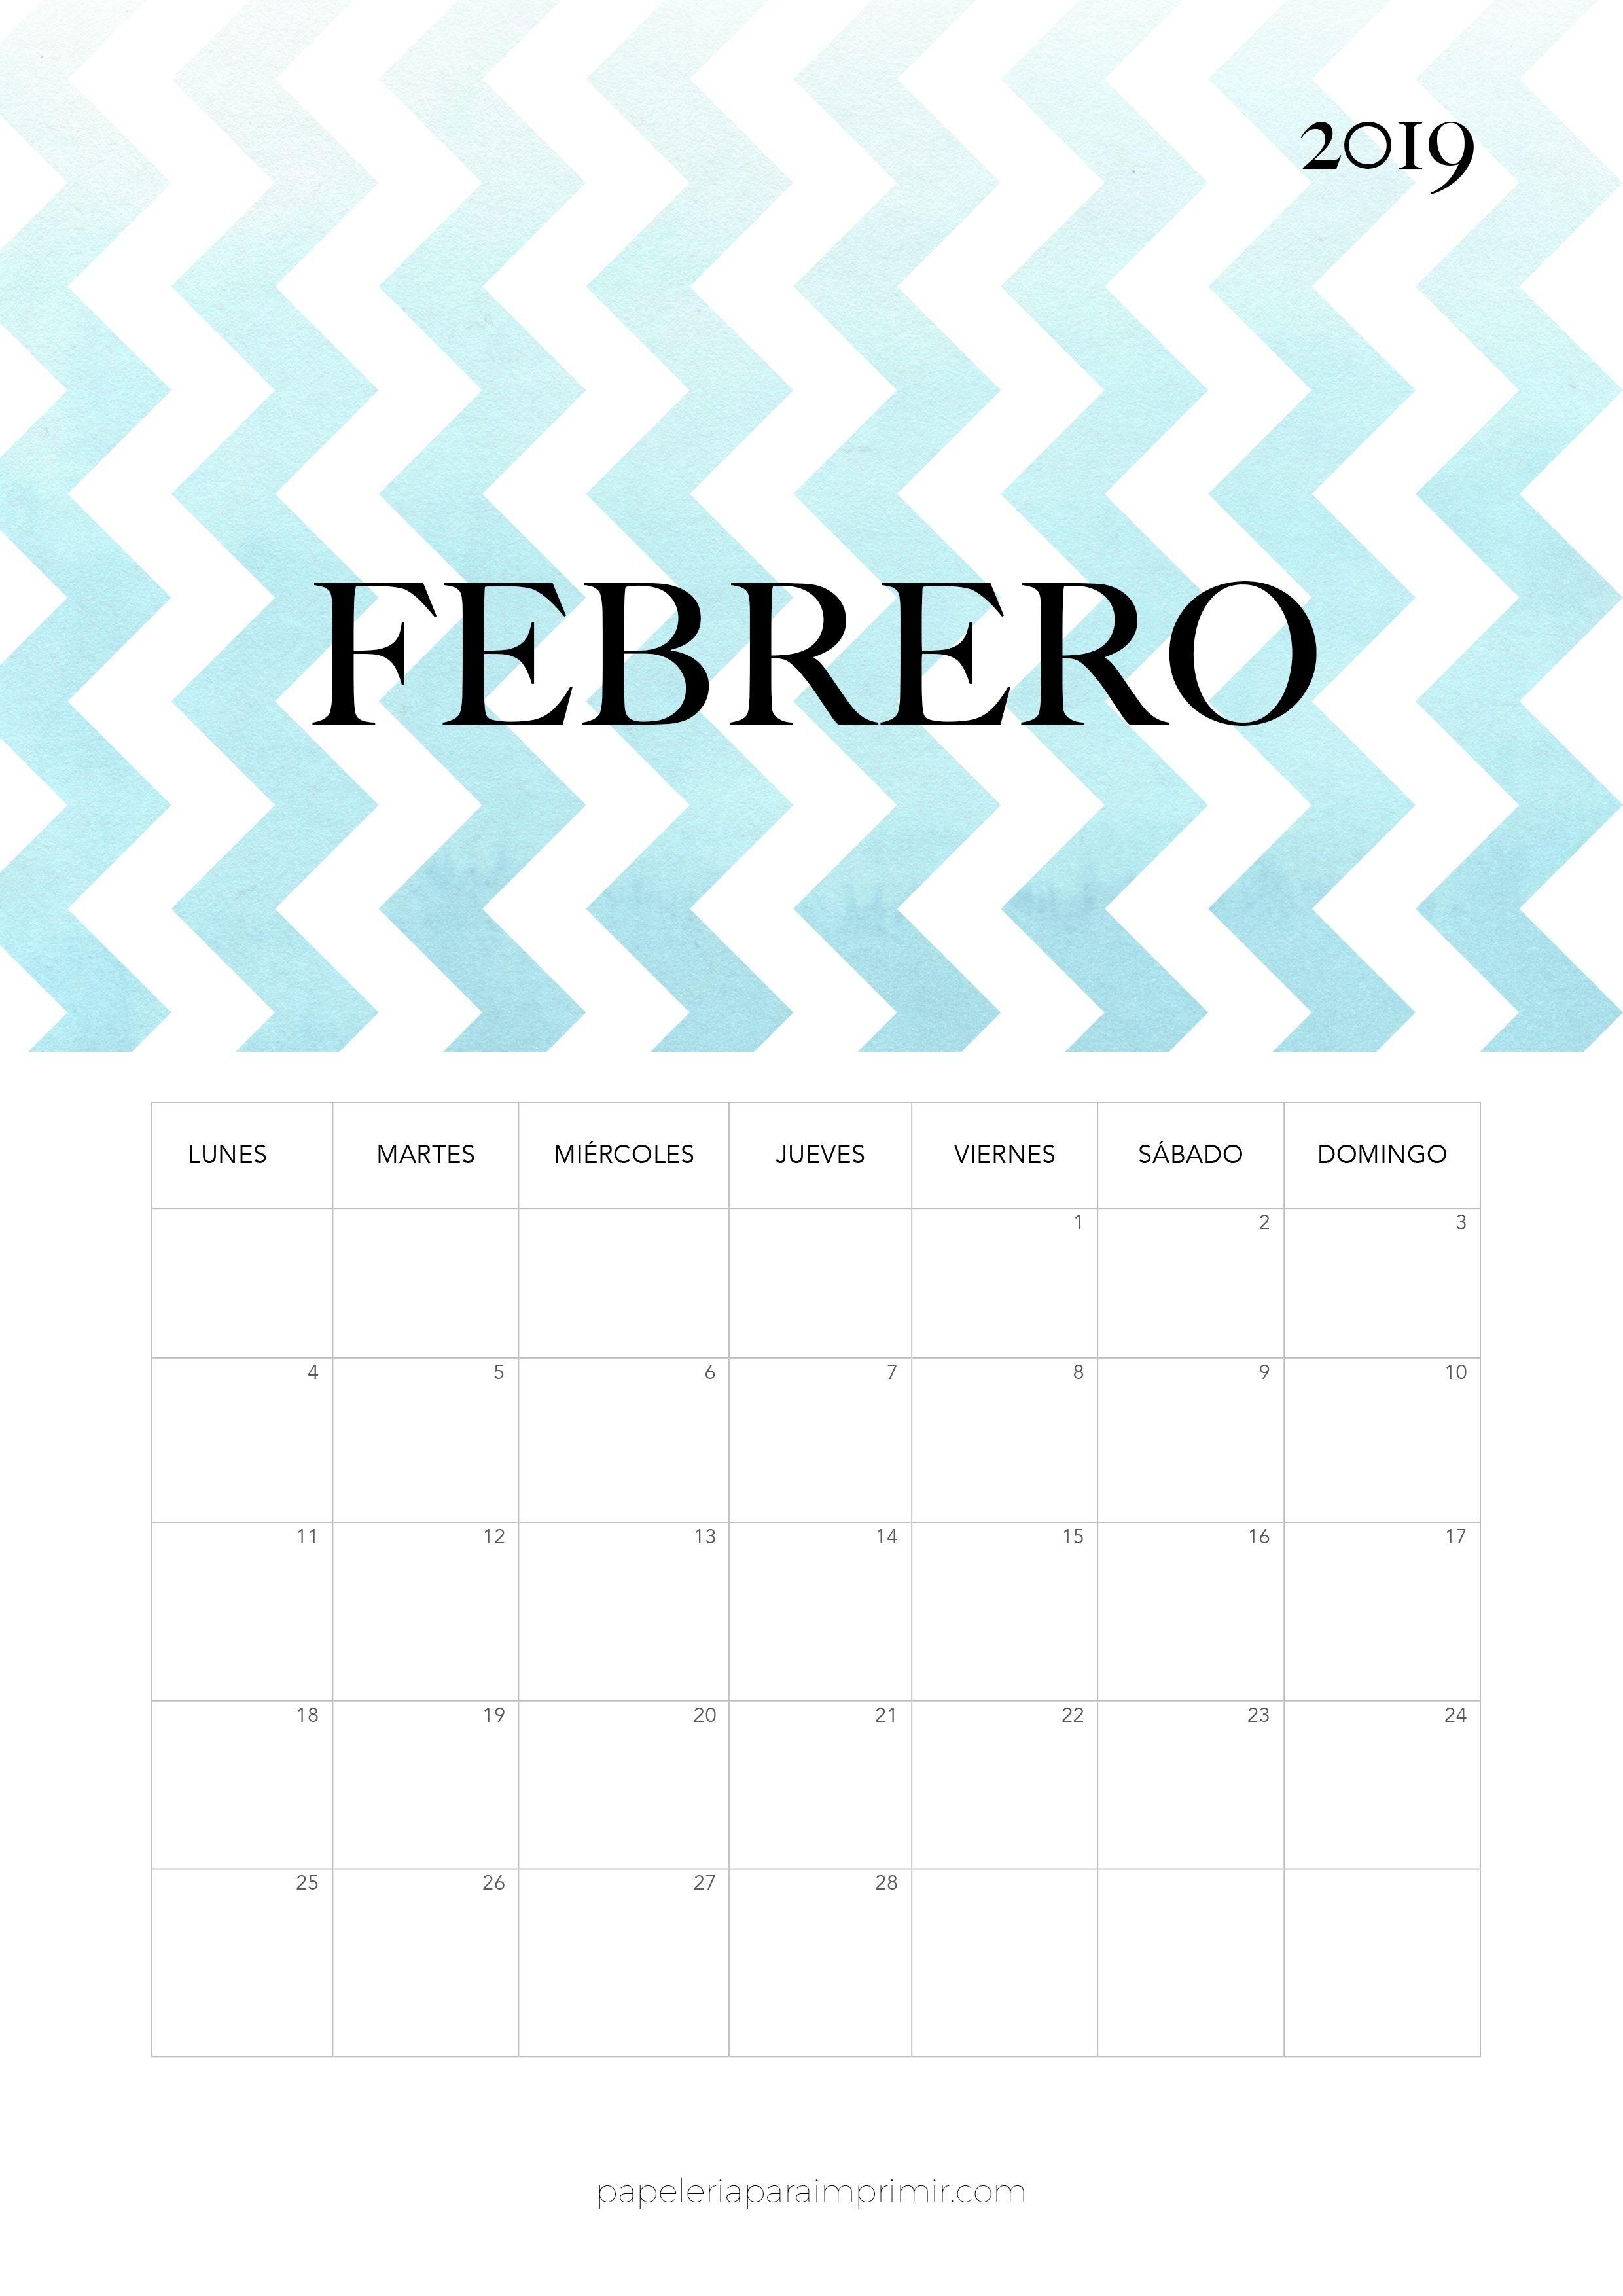 Calendario 2019 Moderno.Calendario 2019 Diciembre Planificadores T Bullet